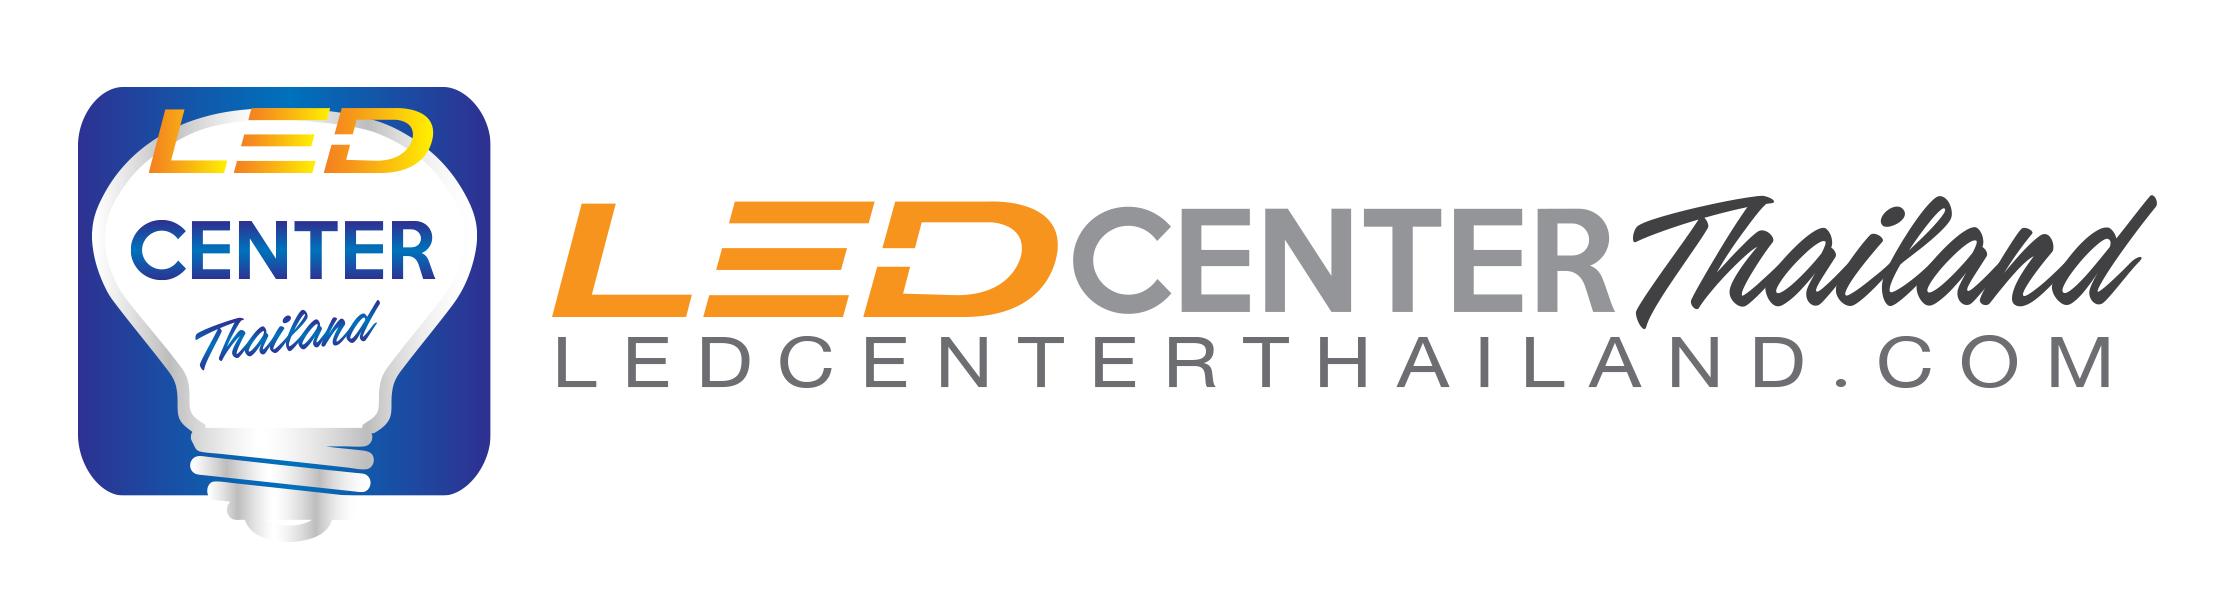 Ledcenterthailand.com